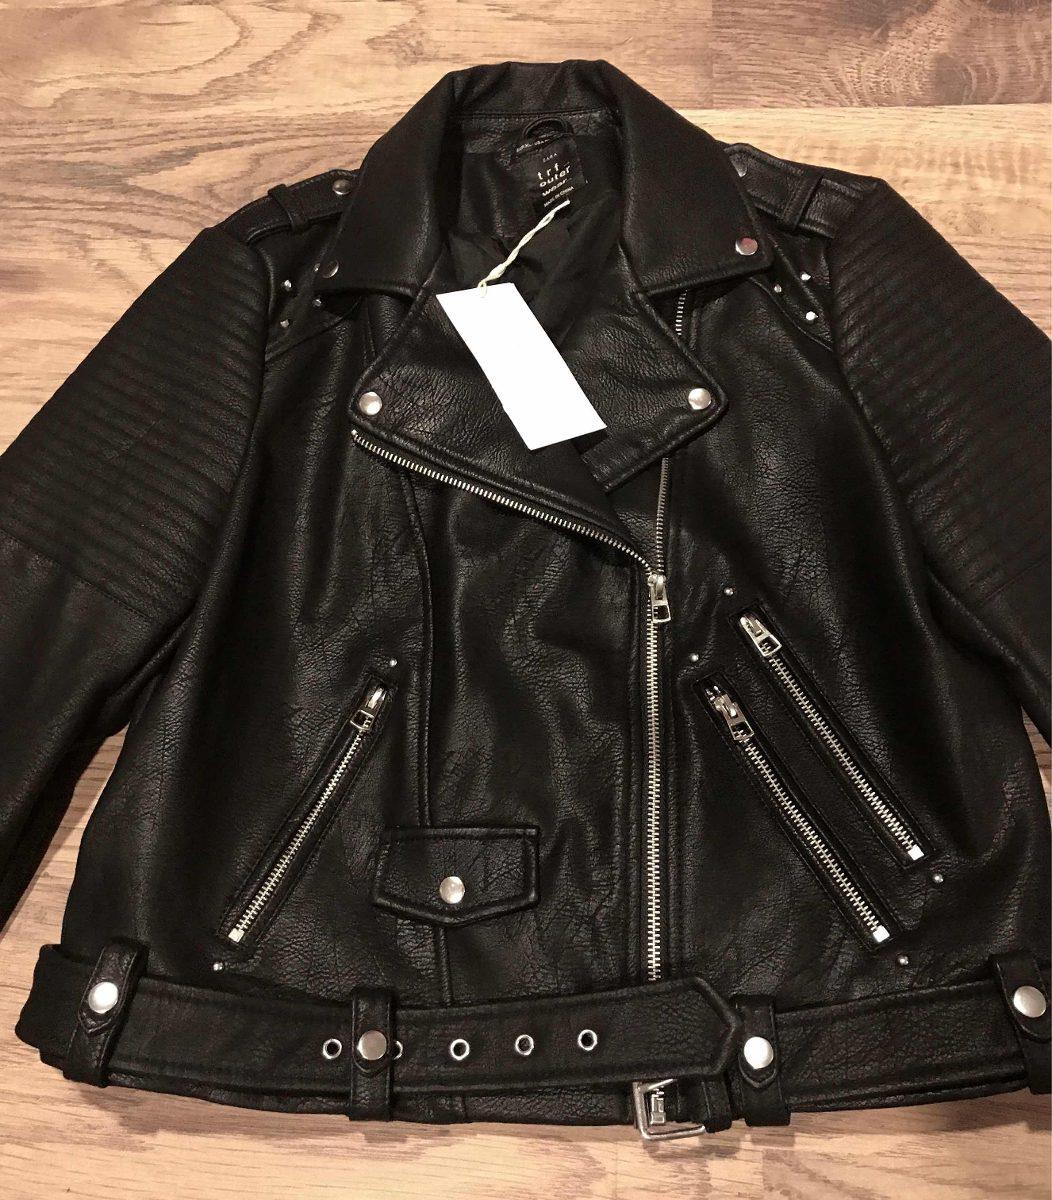 mitad de descuento 571e5 698bb Chamarra Tipo Biker Zara Trf Negra Grande